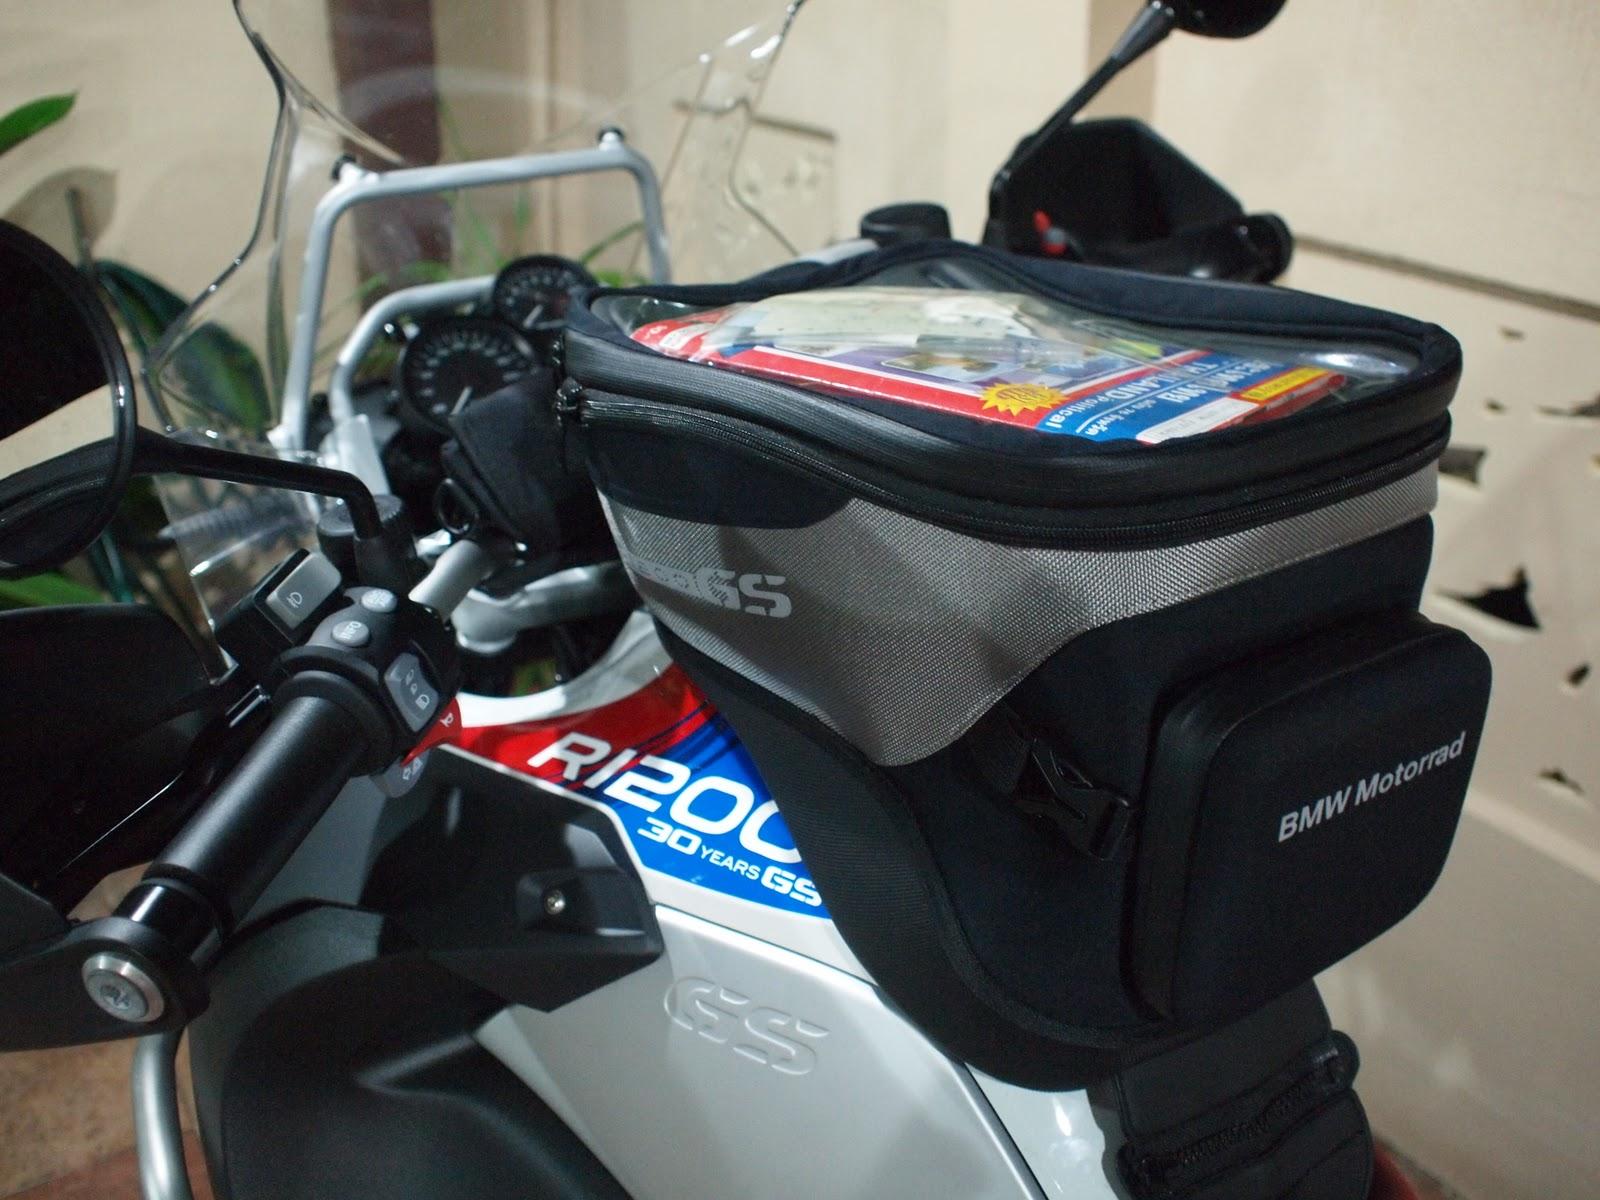 globe nomad rider bmw motorrad tank bag. Black Bedroom Furniture Sets. Home Design Ideas